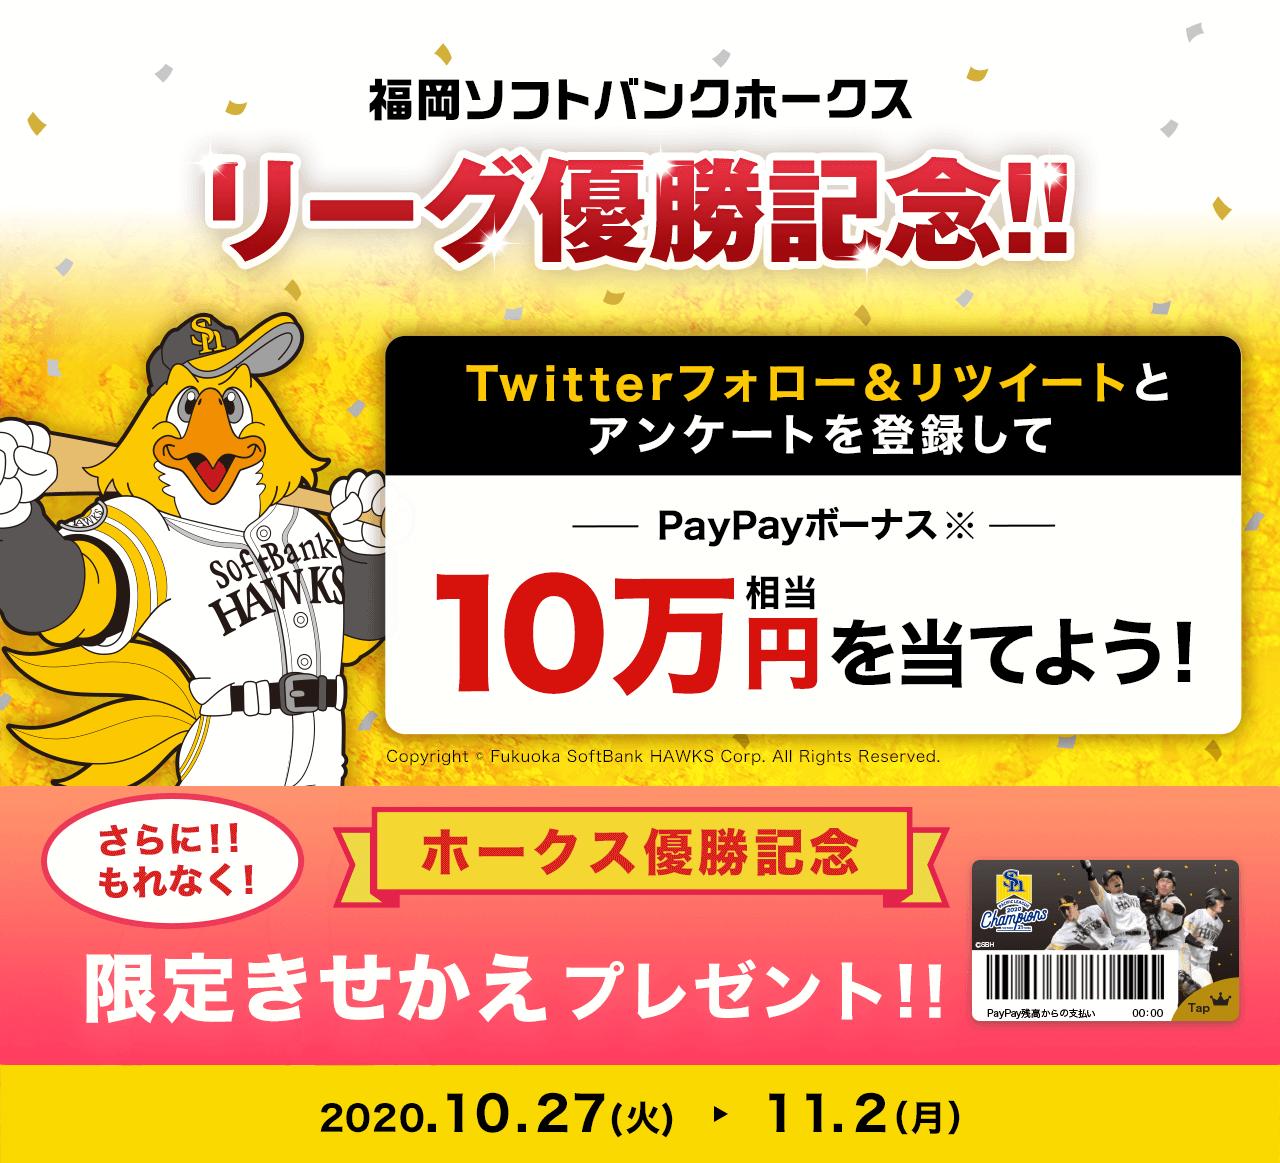 福岡ソフトバンクホークス リーグ優勝記念!! Twitterフォロー&リツイートとアンケートを登録してPayPayボーナス10万円相当を当てよう!